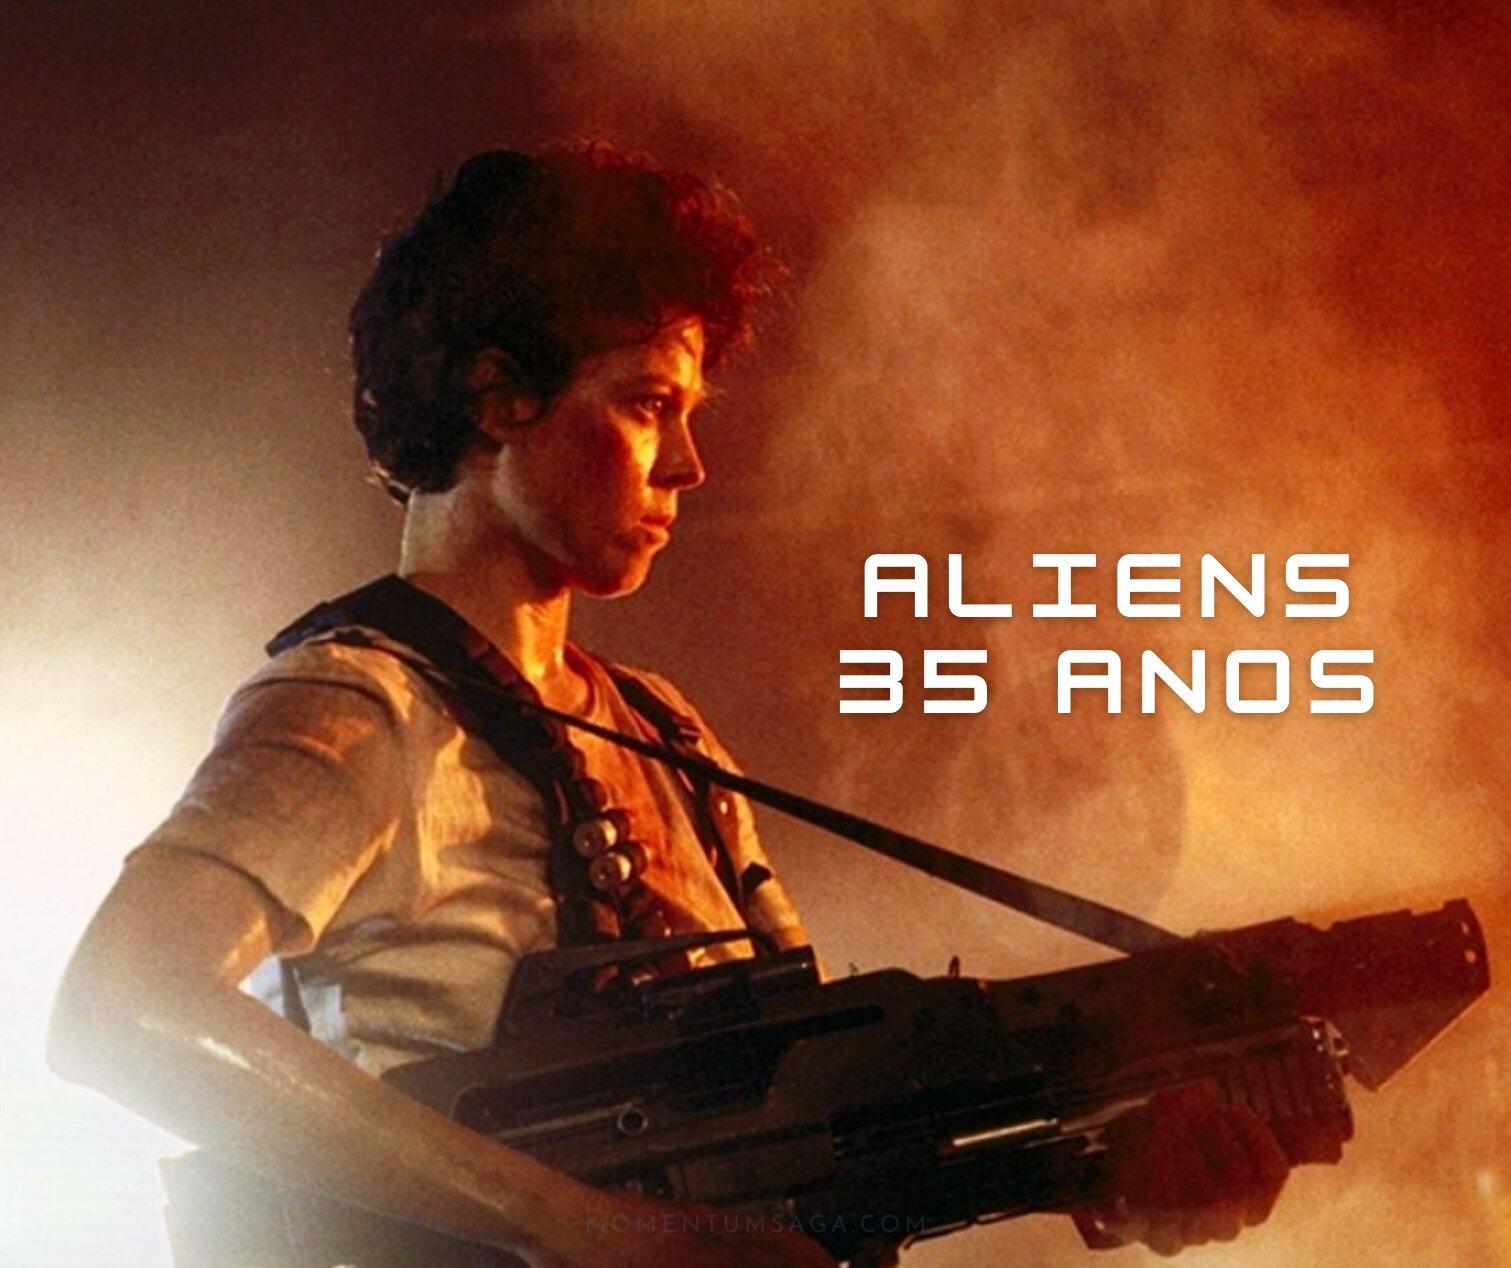 35 anos de Aliens, o Resgate